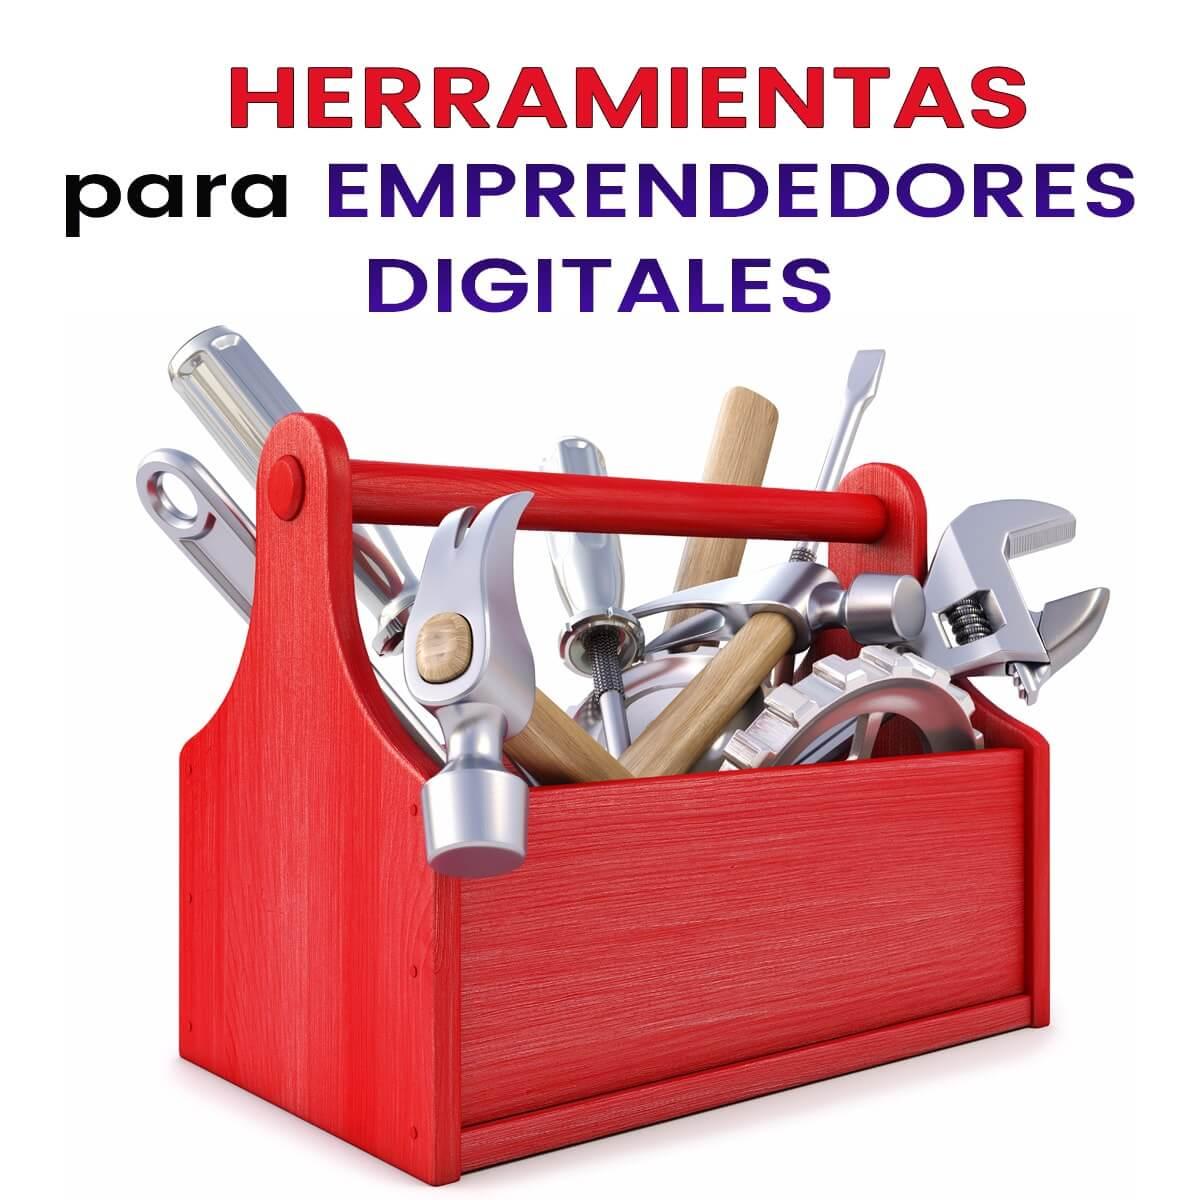 Caja de herramientas para Emprendedores Digitales